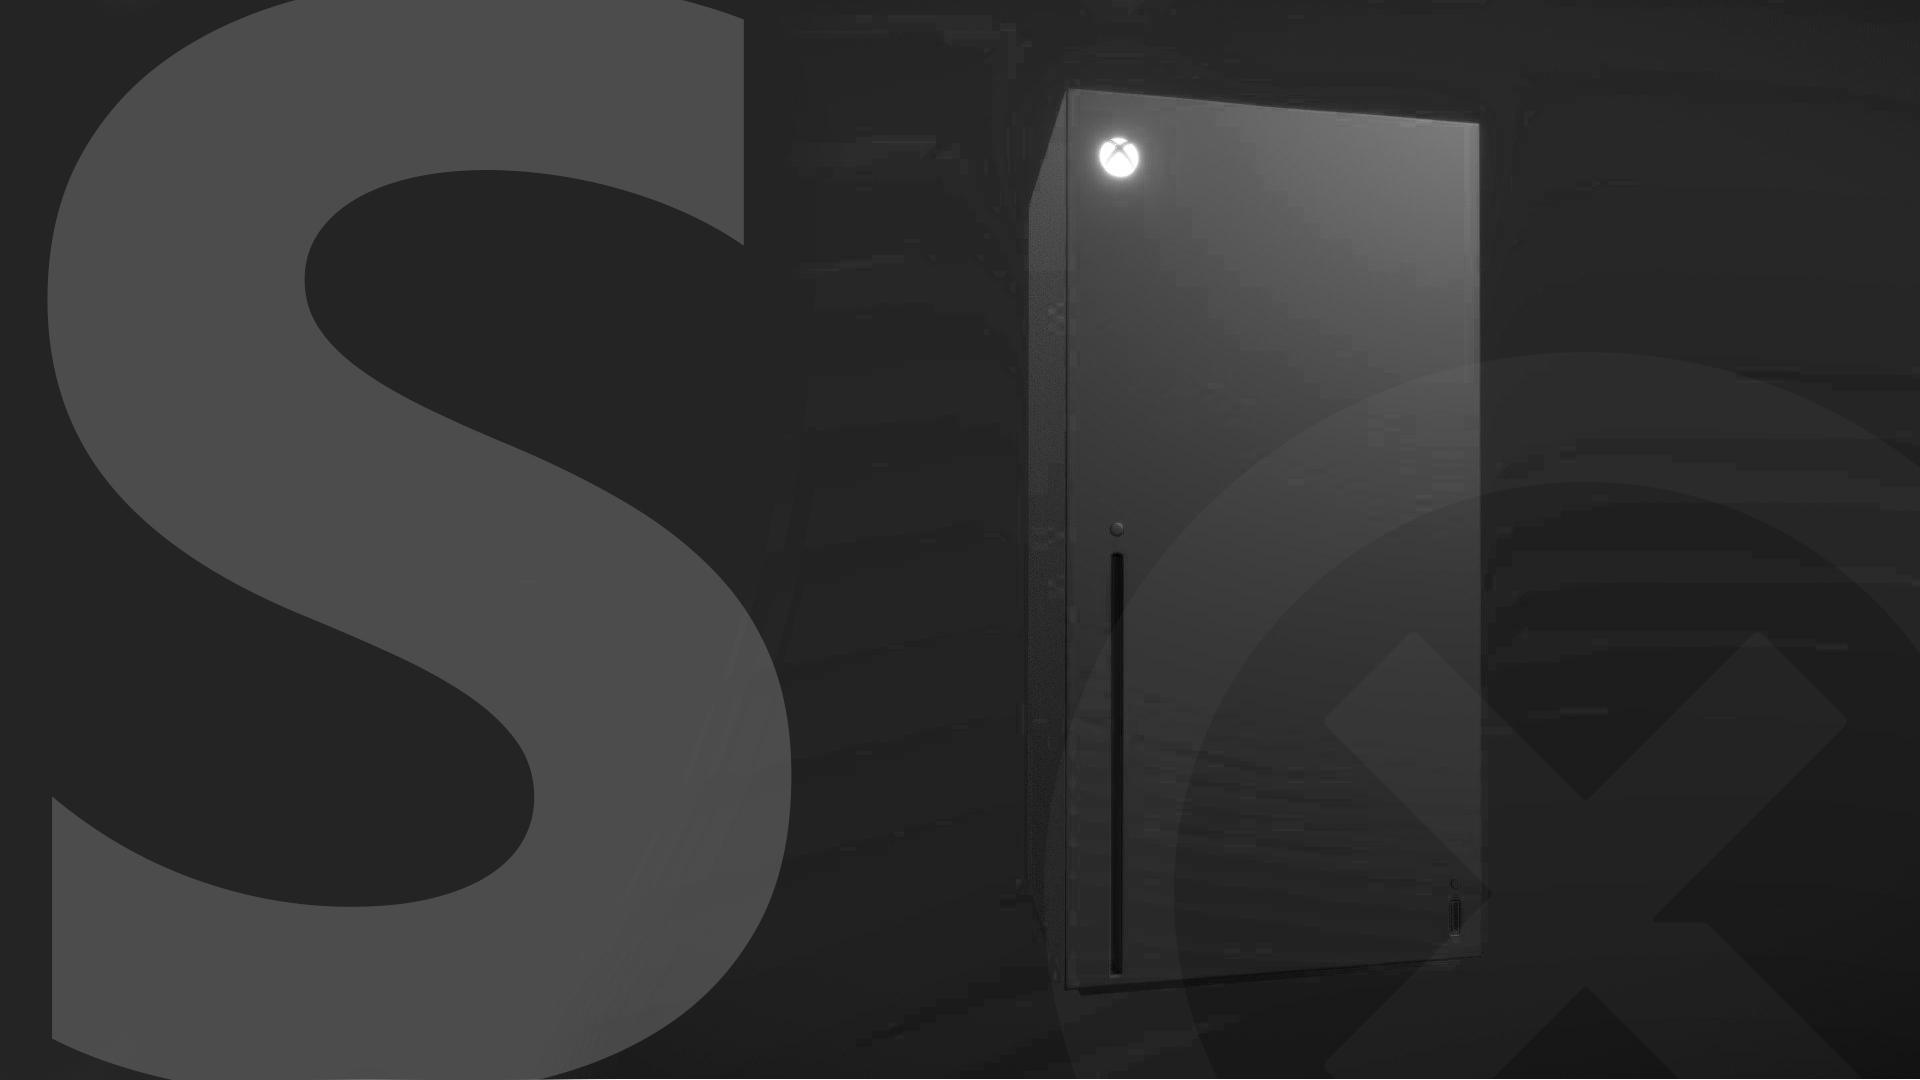 Tout Ce Que Nous Savons Sur Project Lockhart (xbox Series